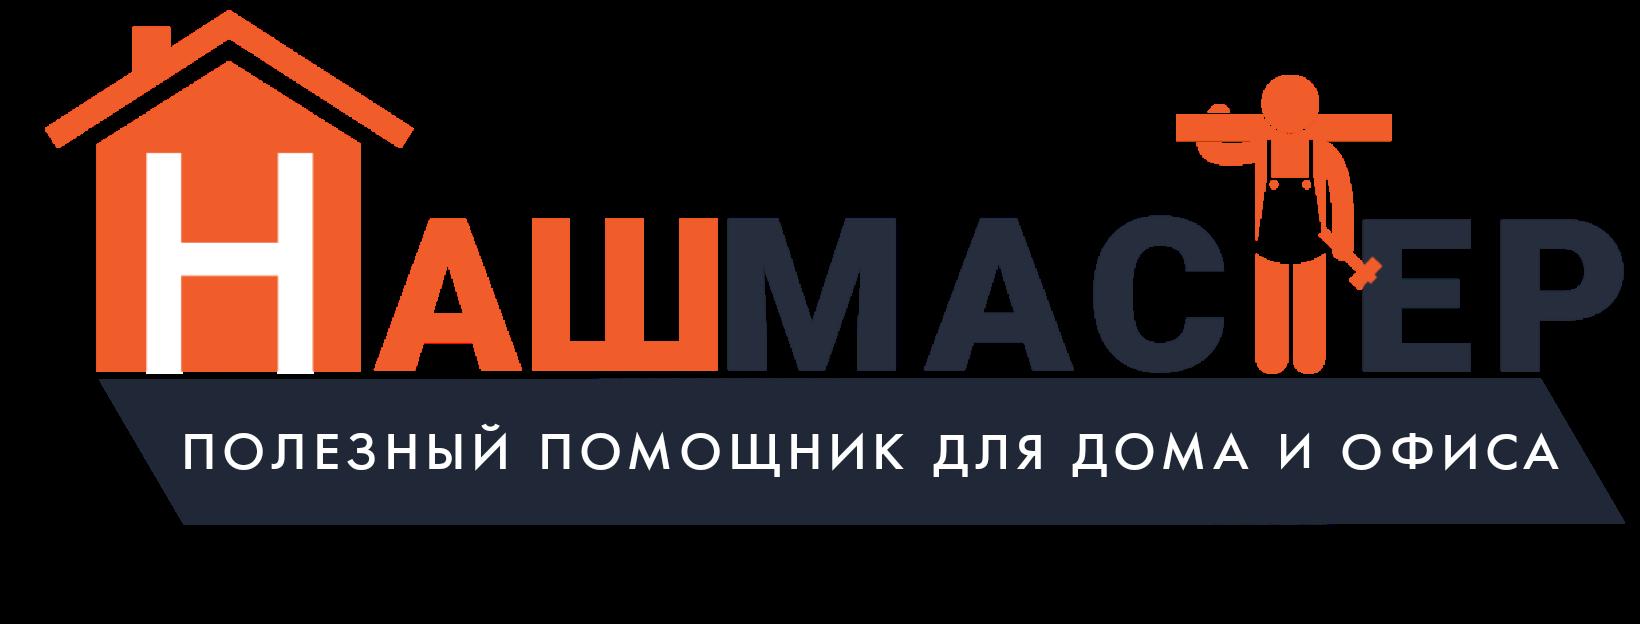 Cообщество Мастеров БытовыхДел Мастер.рф